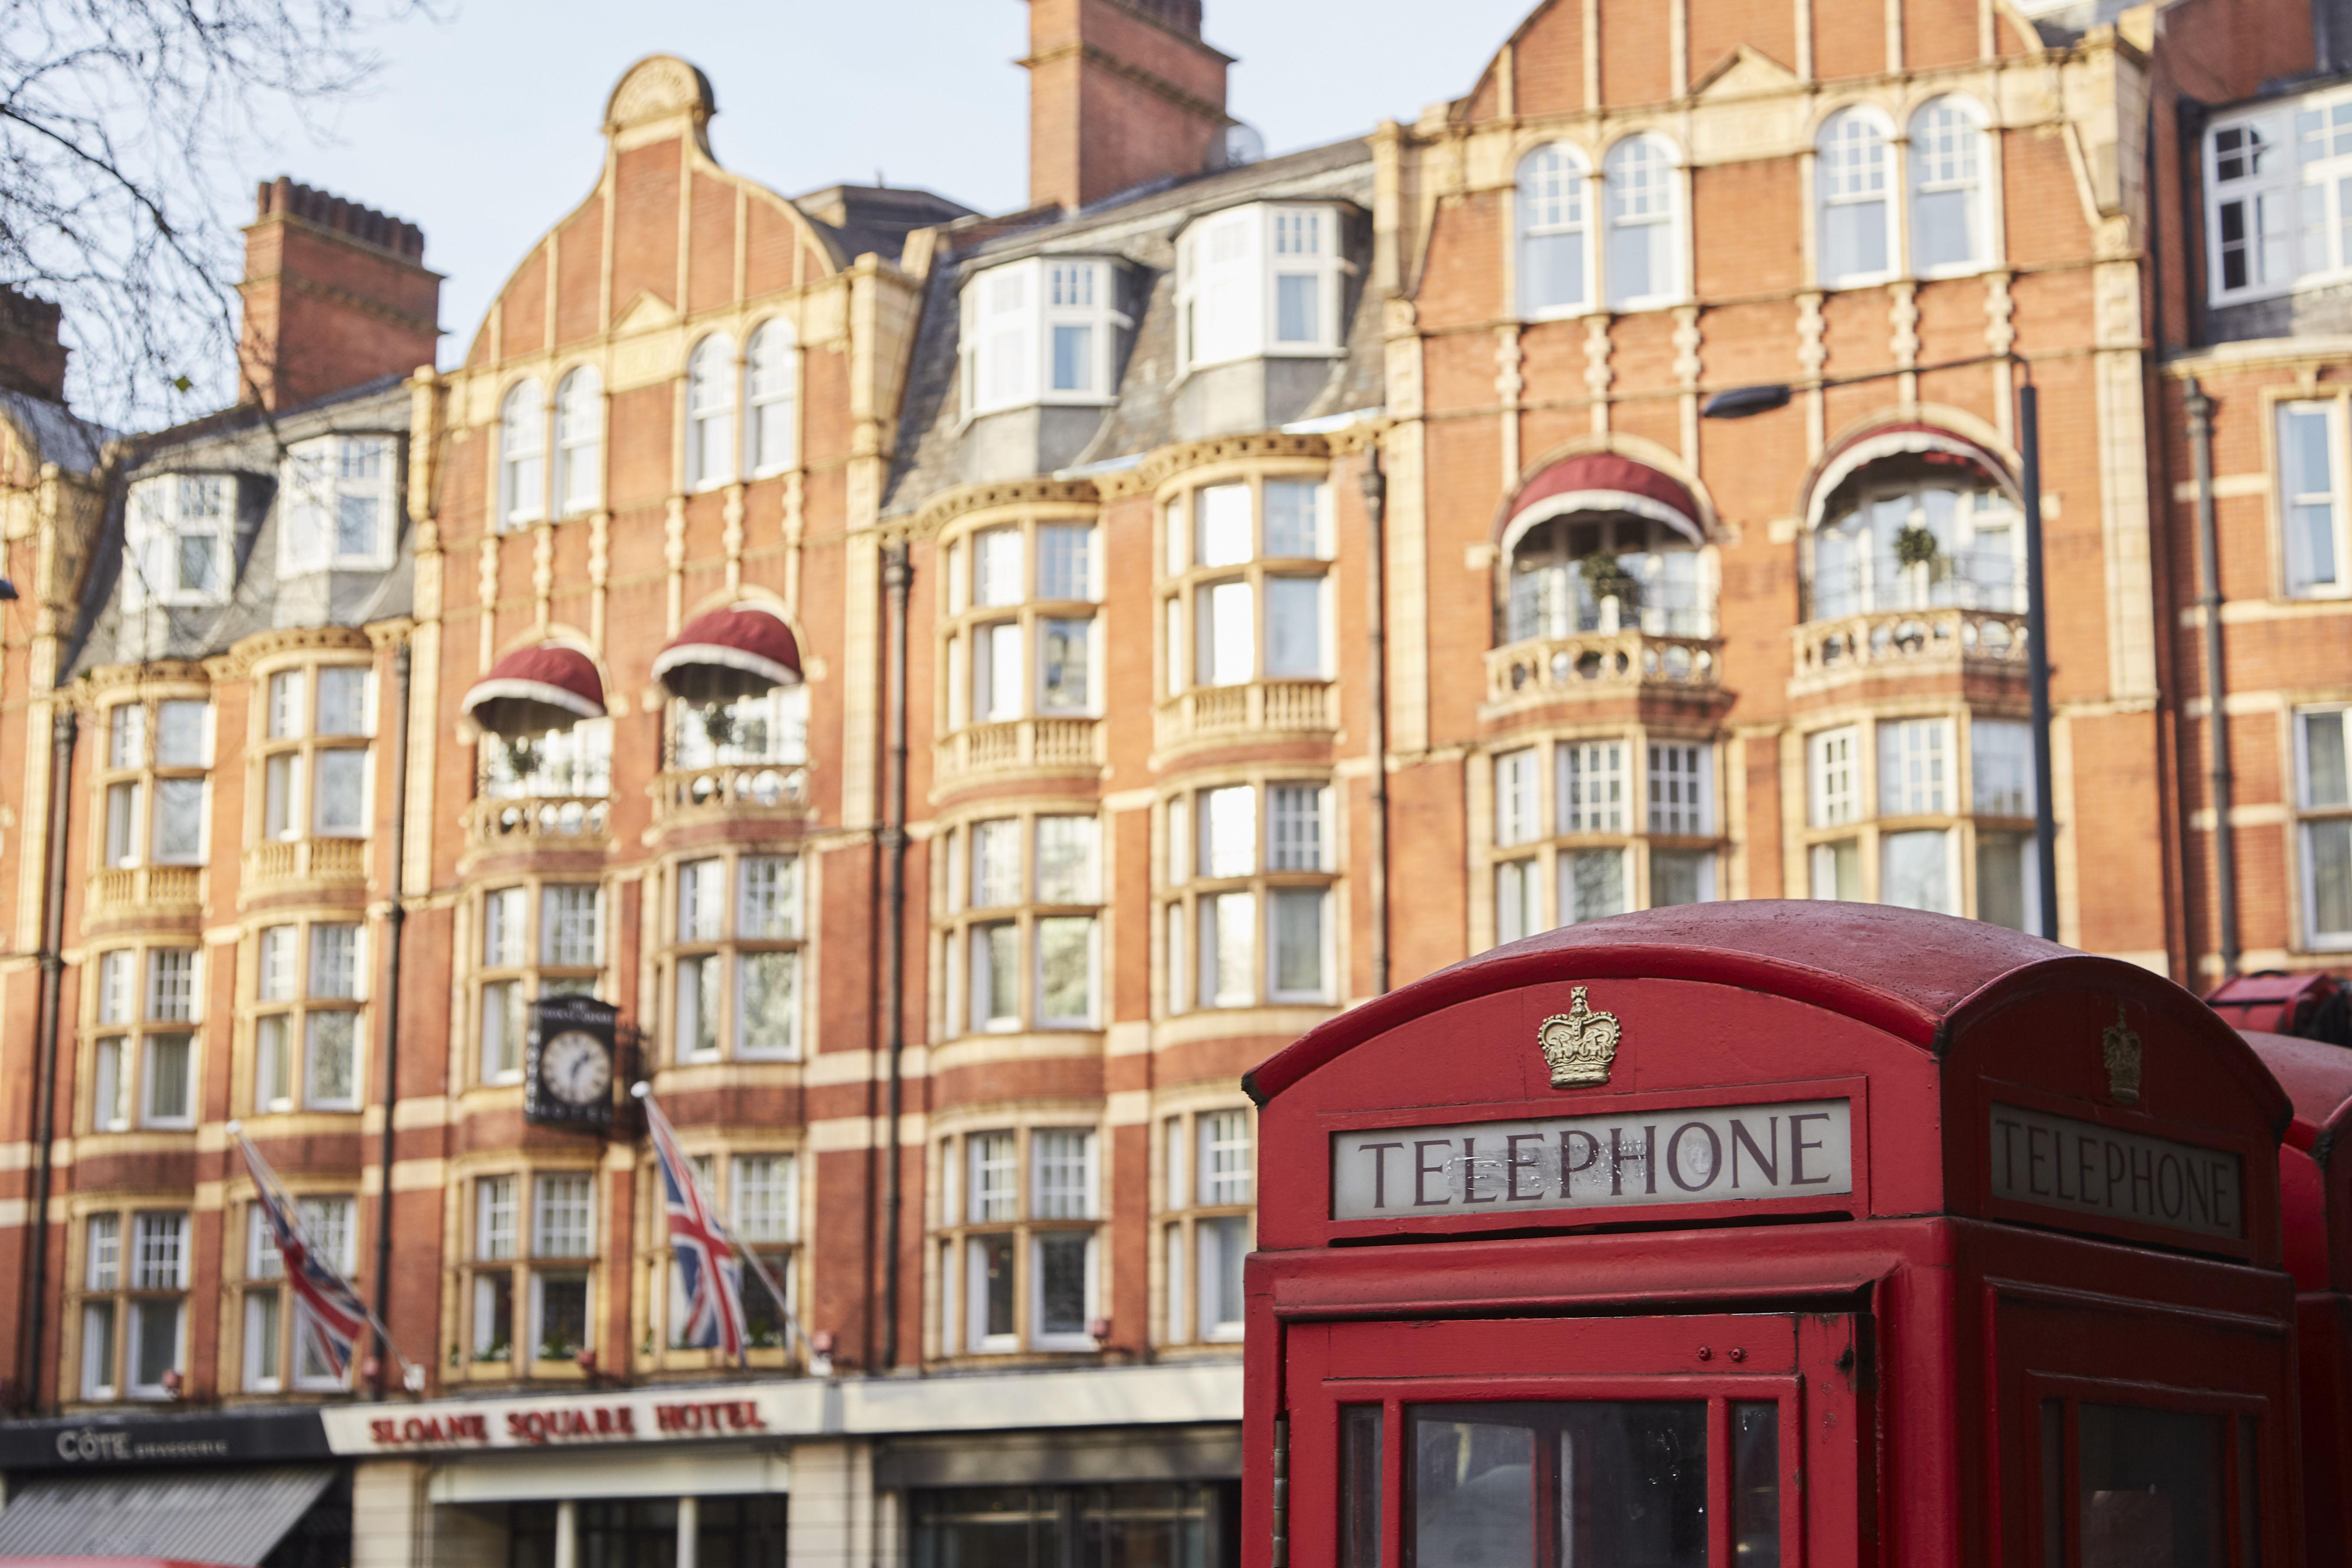 Luxury shopping at Sloane Square